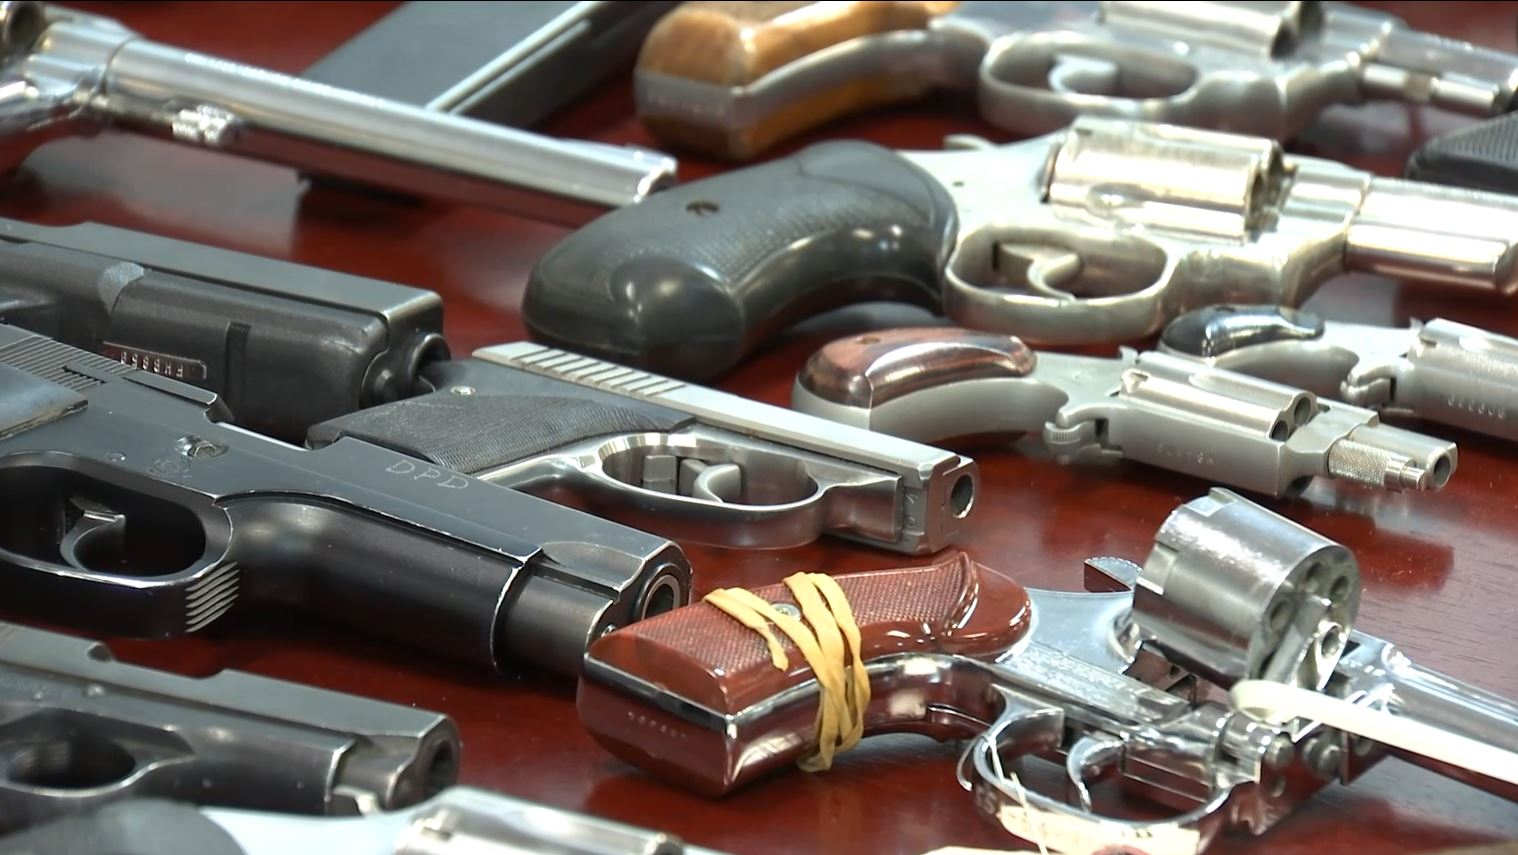 stolen guns 1_1550511694805.JPG.jpg